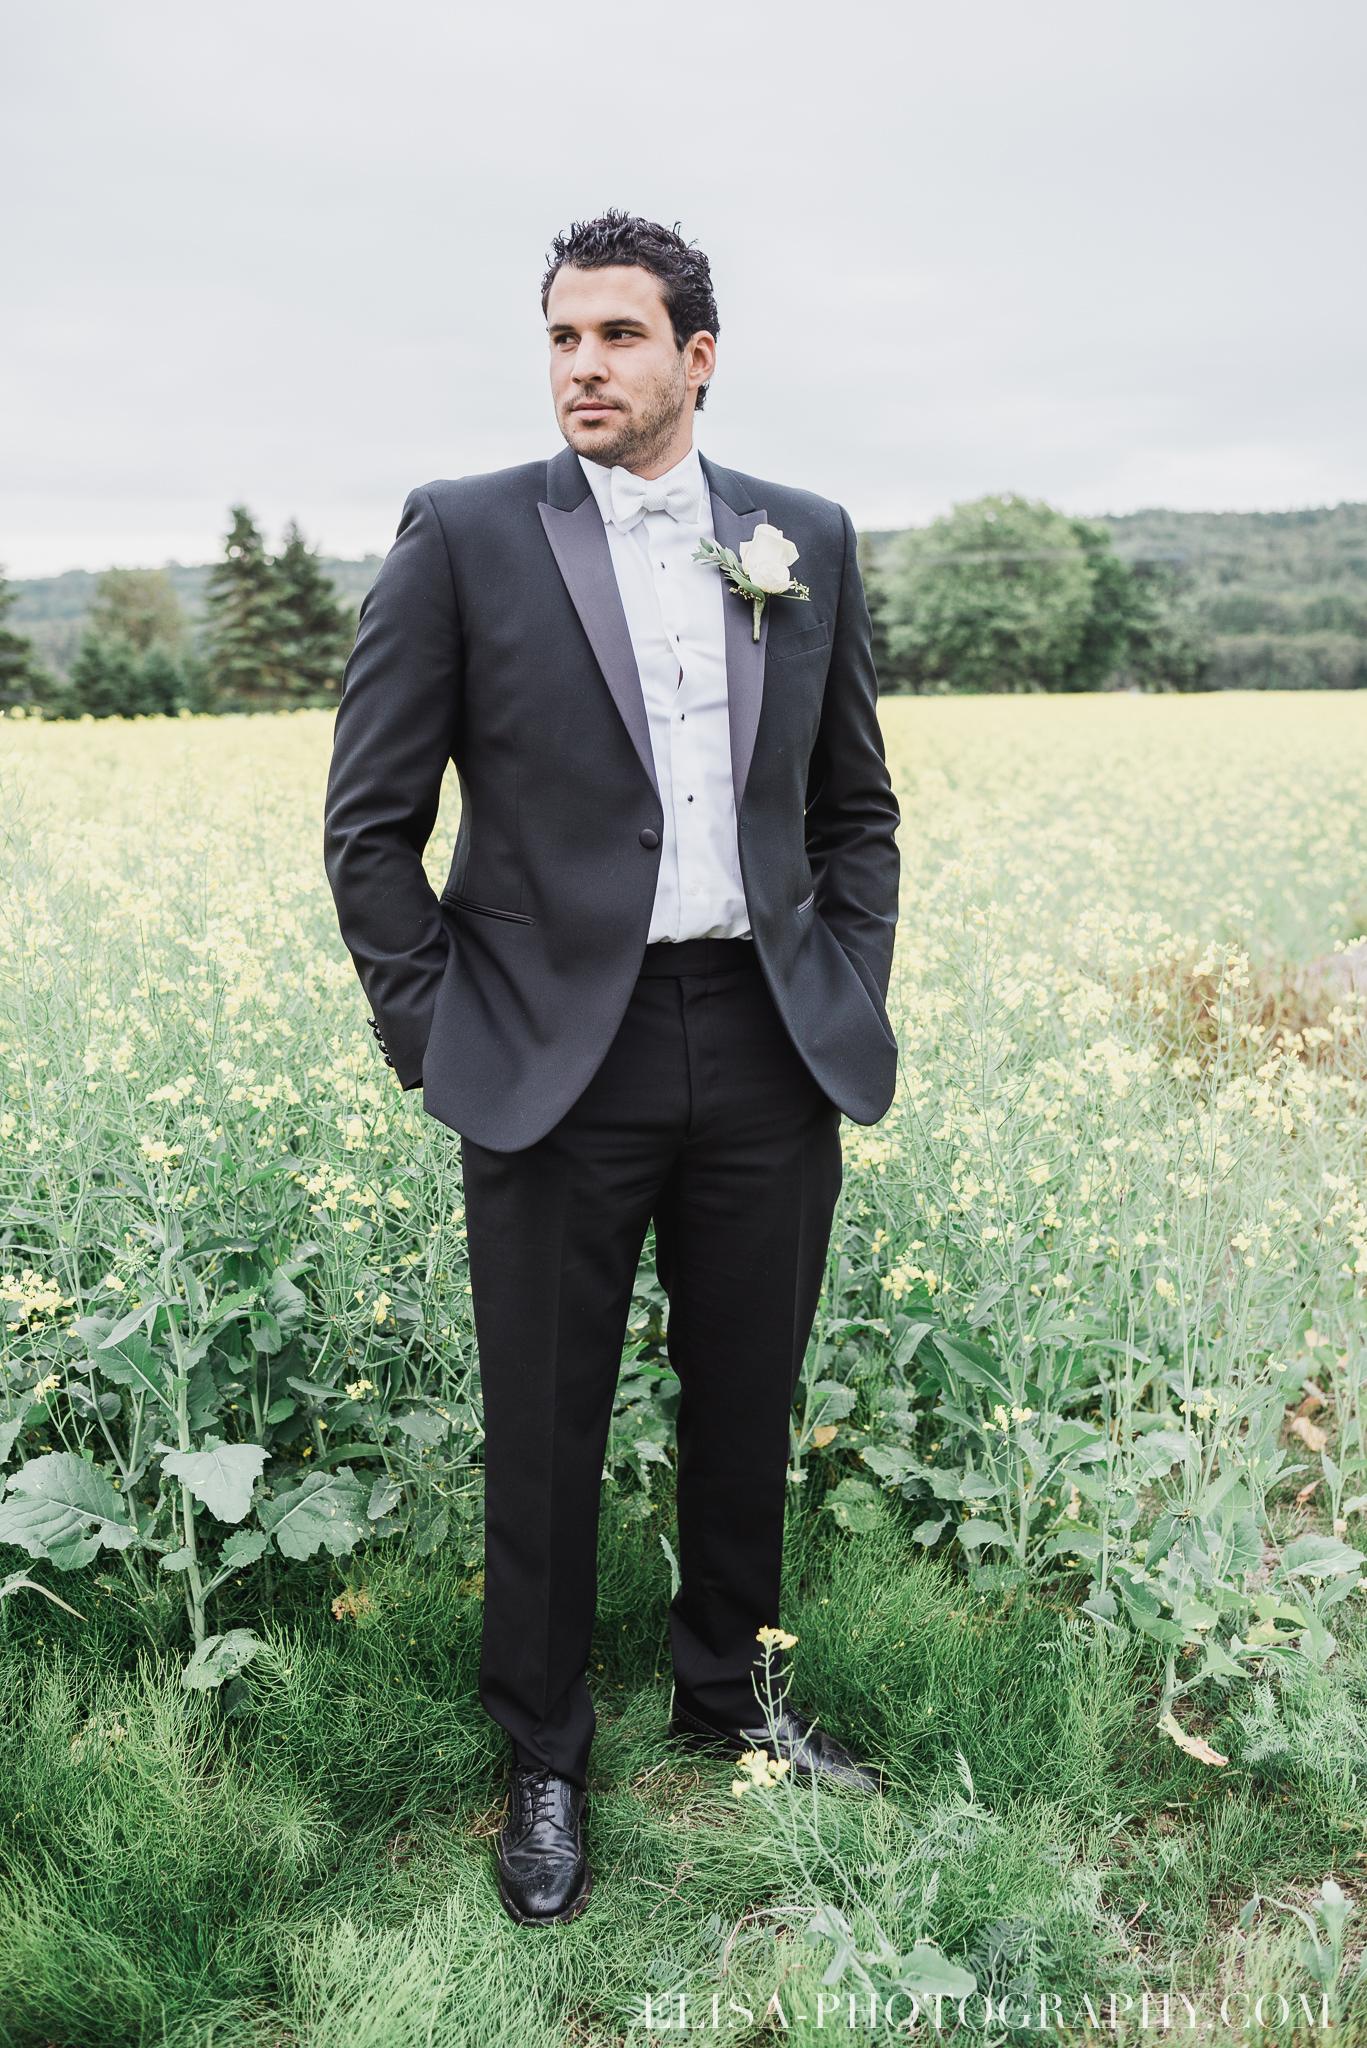 photo mariage champ fleurs jaunes orge marie habit portrait domaine prive estate bord de l eau 4636 - Mariage sur un domaine privé au bord de l'eau: Emmanuelle & Marc-Antoine